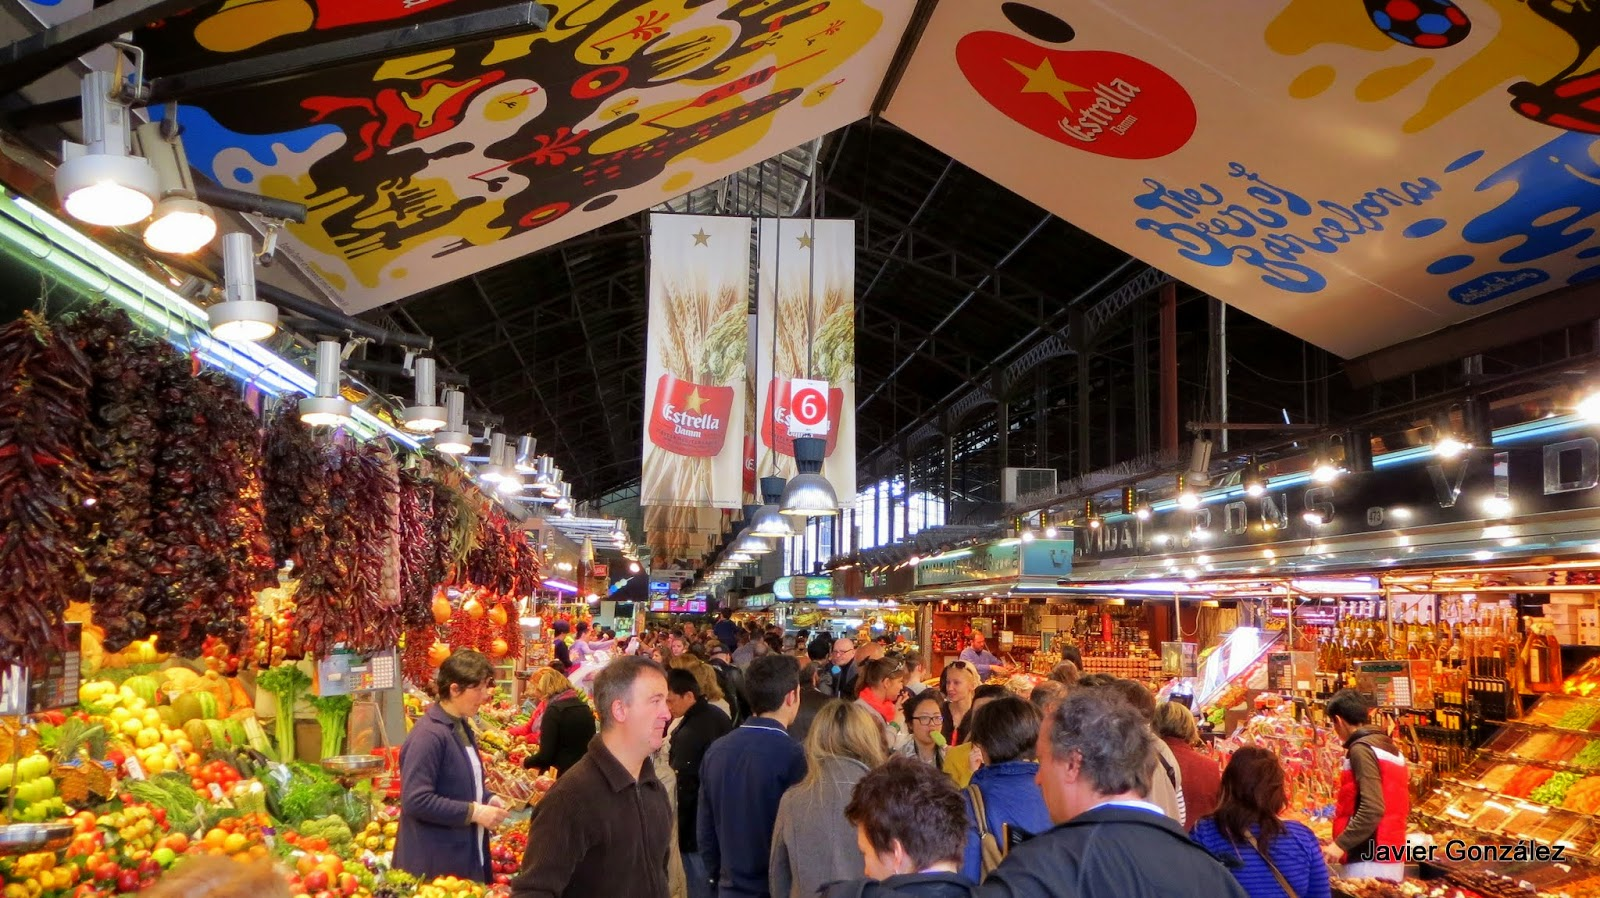 Mercado de la Boquería.Barcelona